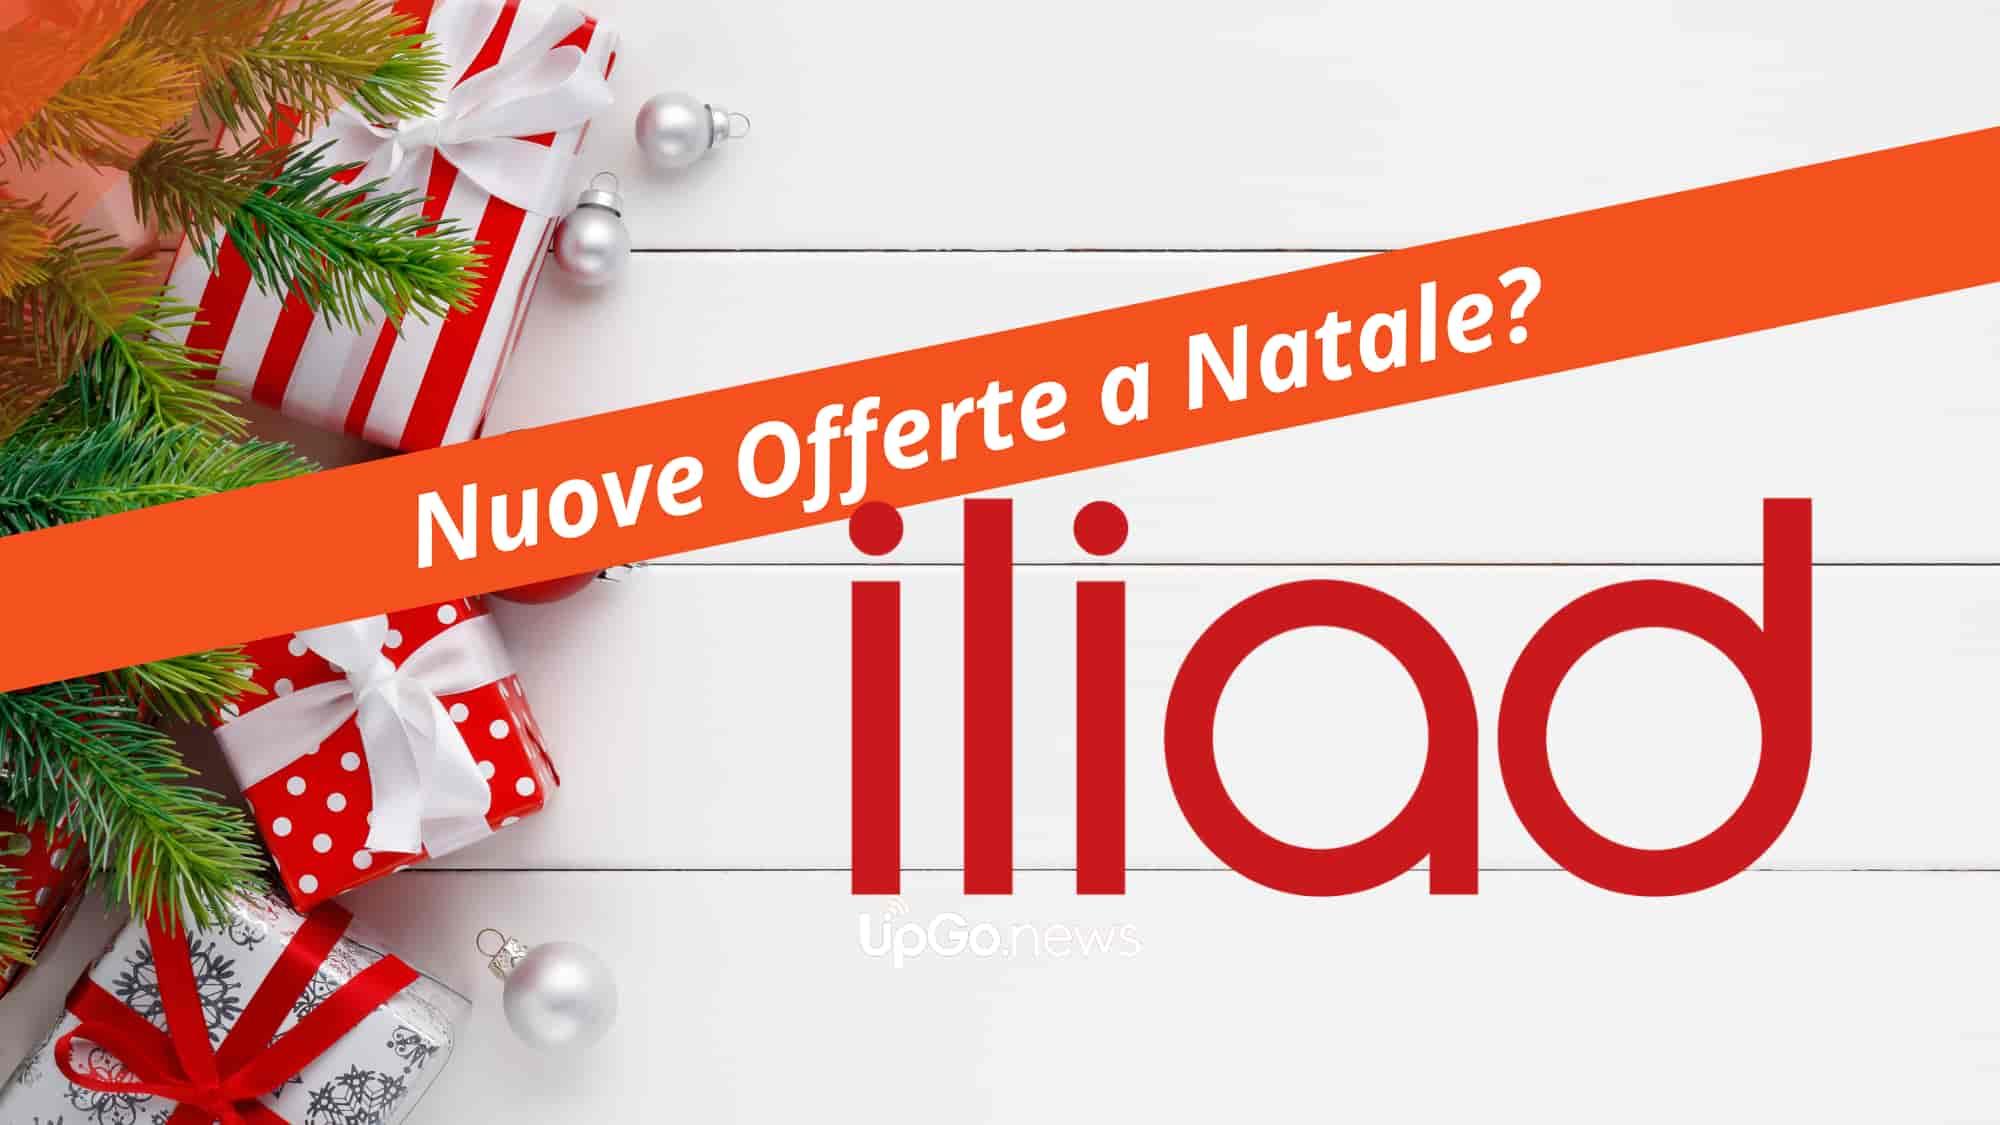 Iliad Offerte Natale